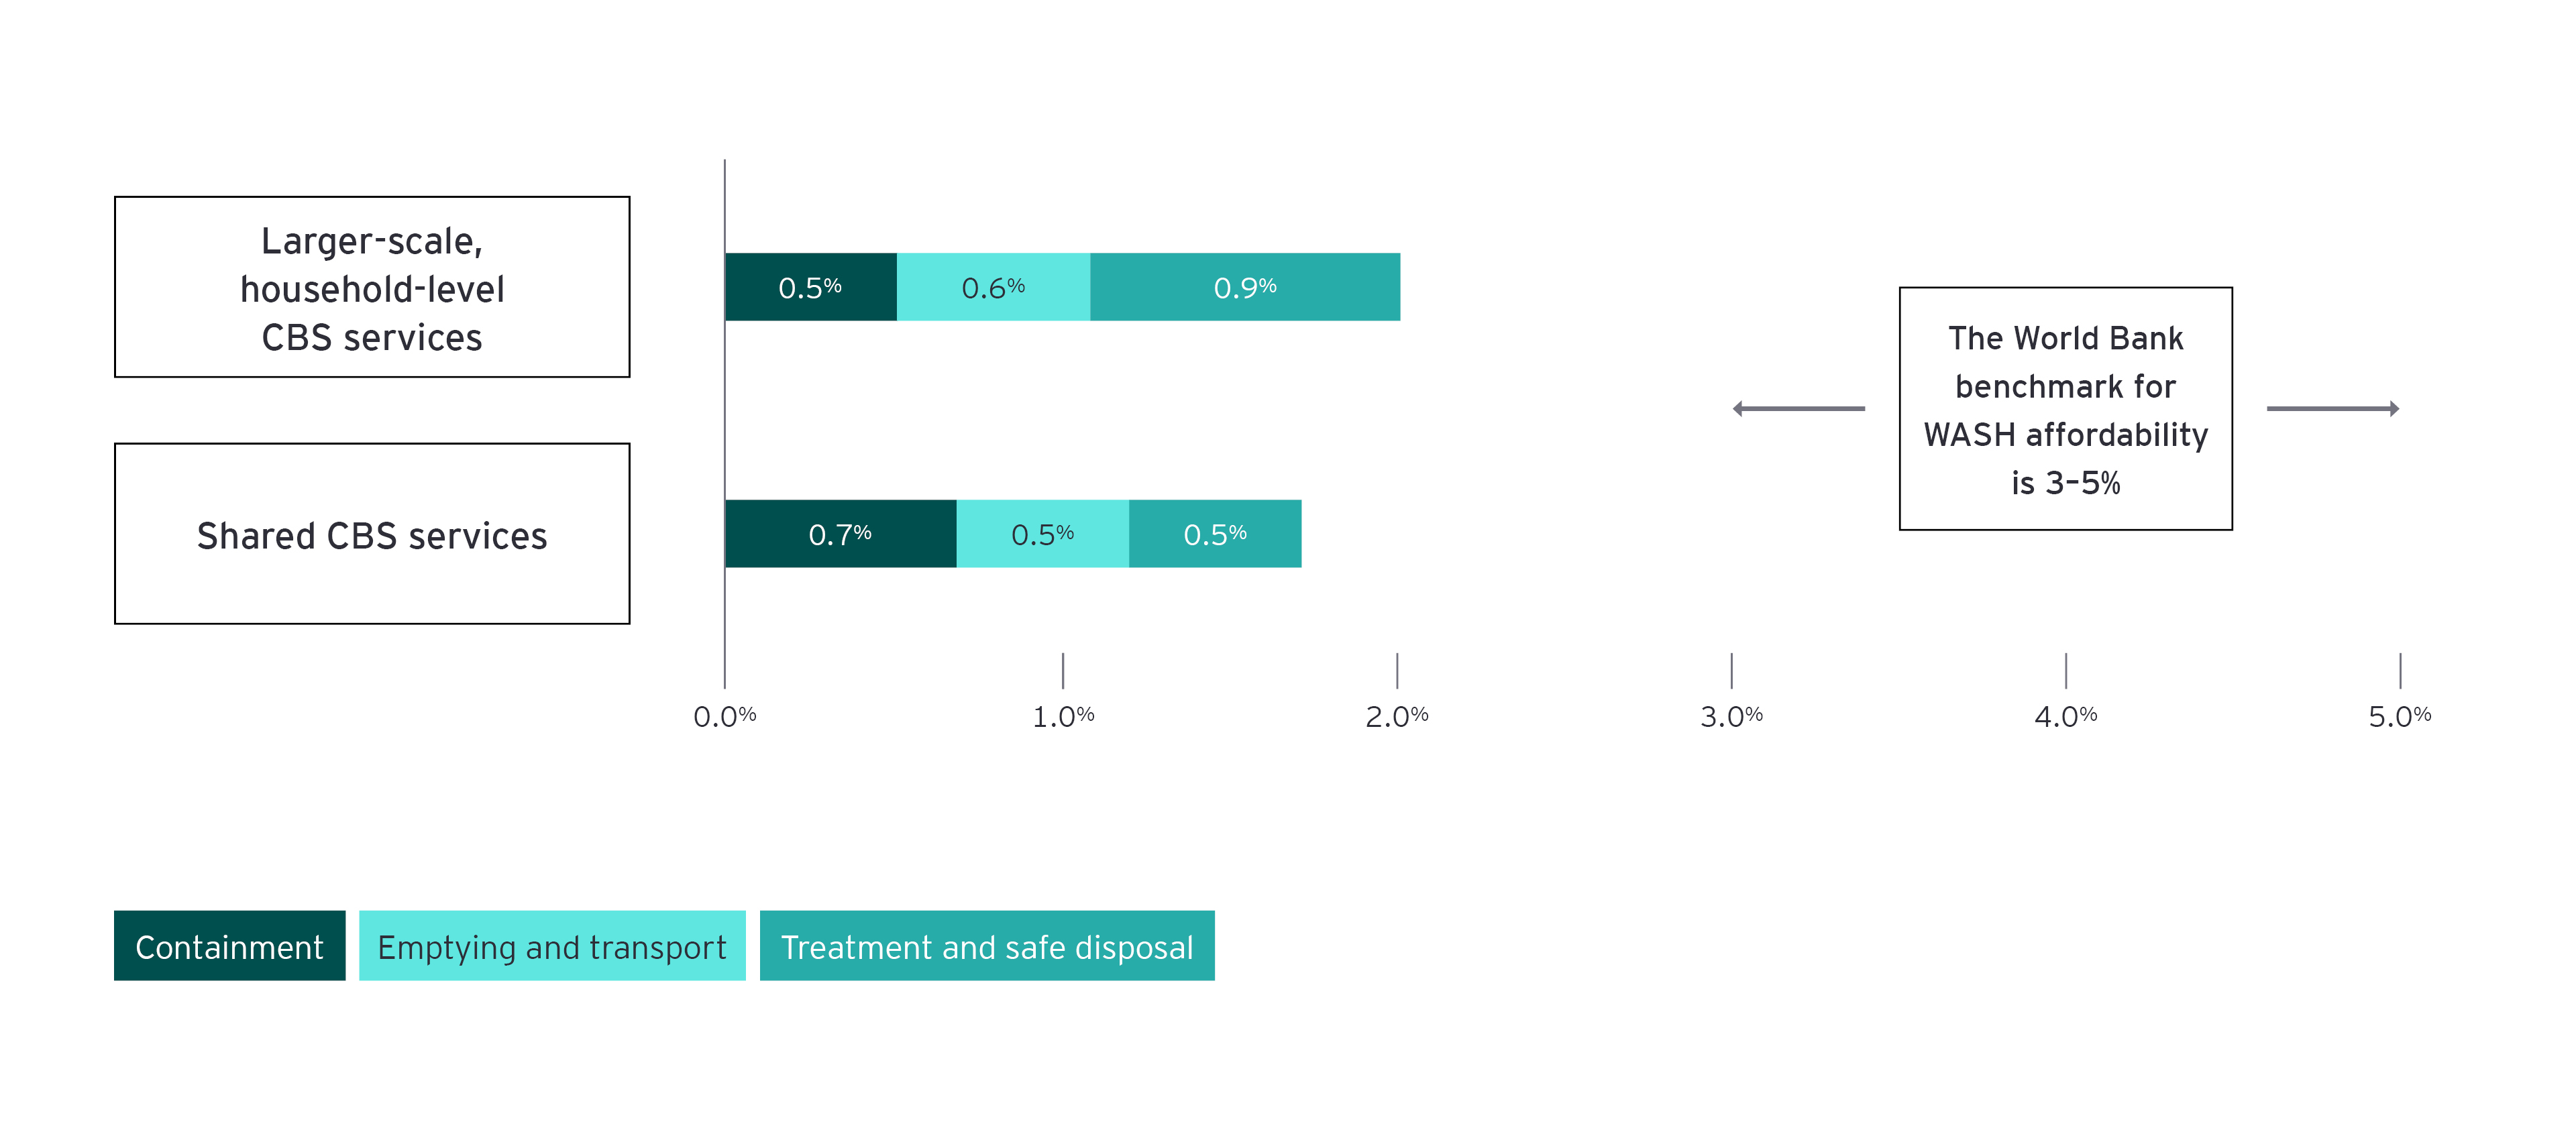 Porcentaje de los ingresos anuales de los hogares dedicado a los servicios del cbs